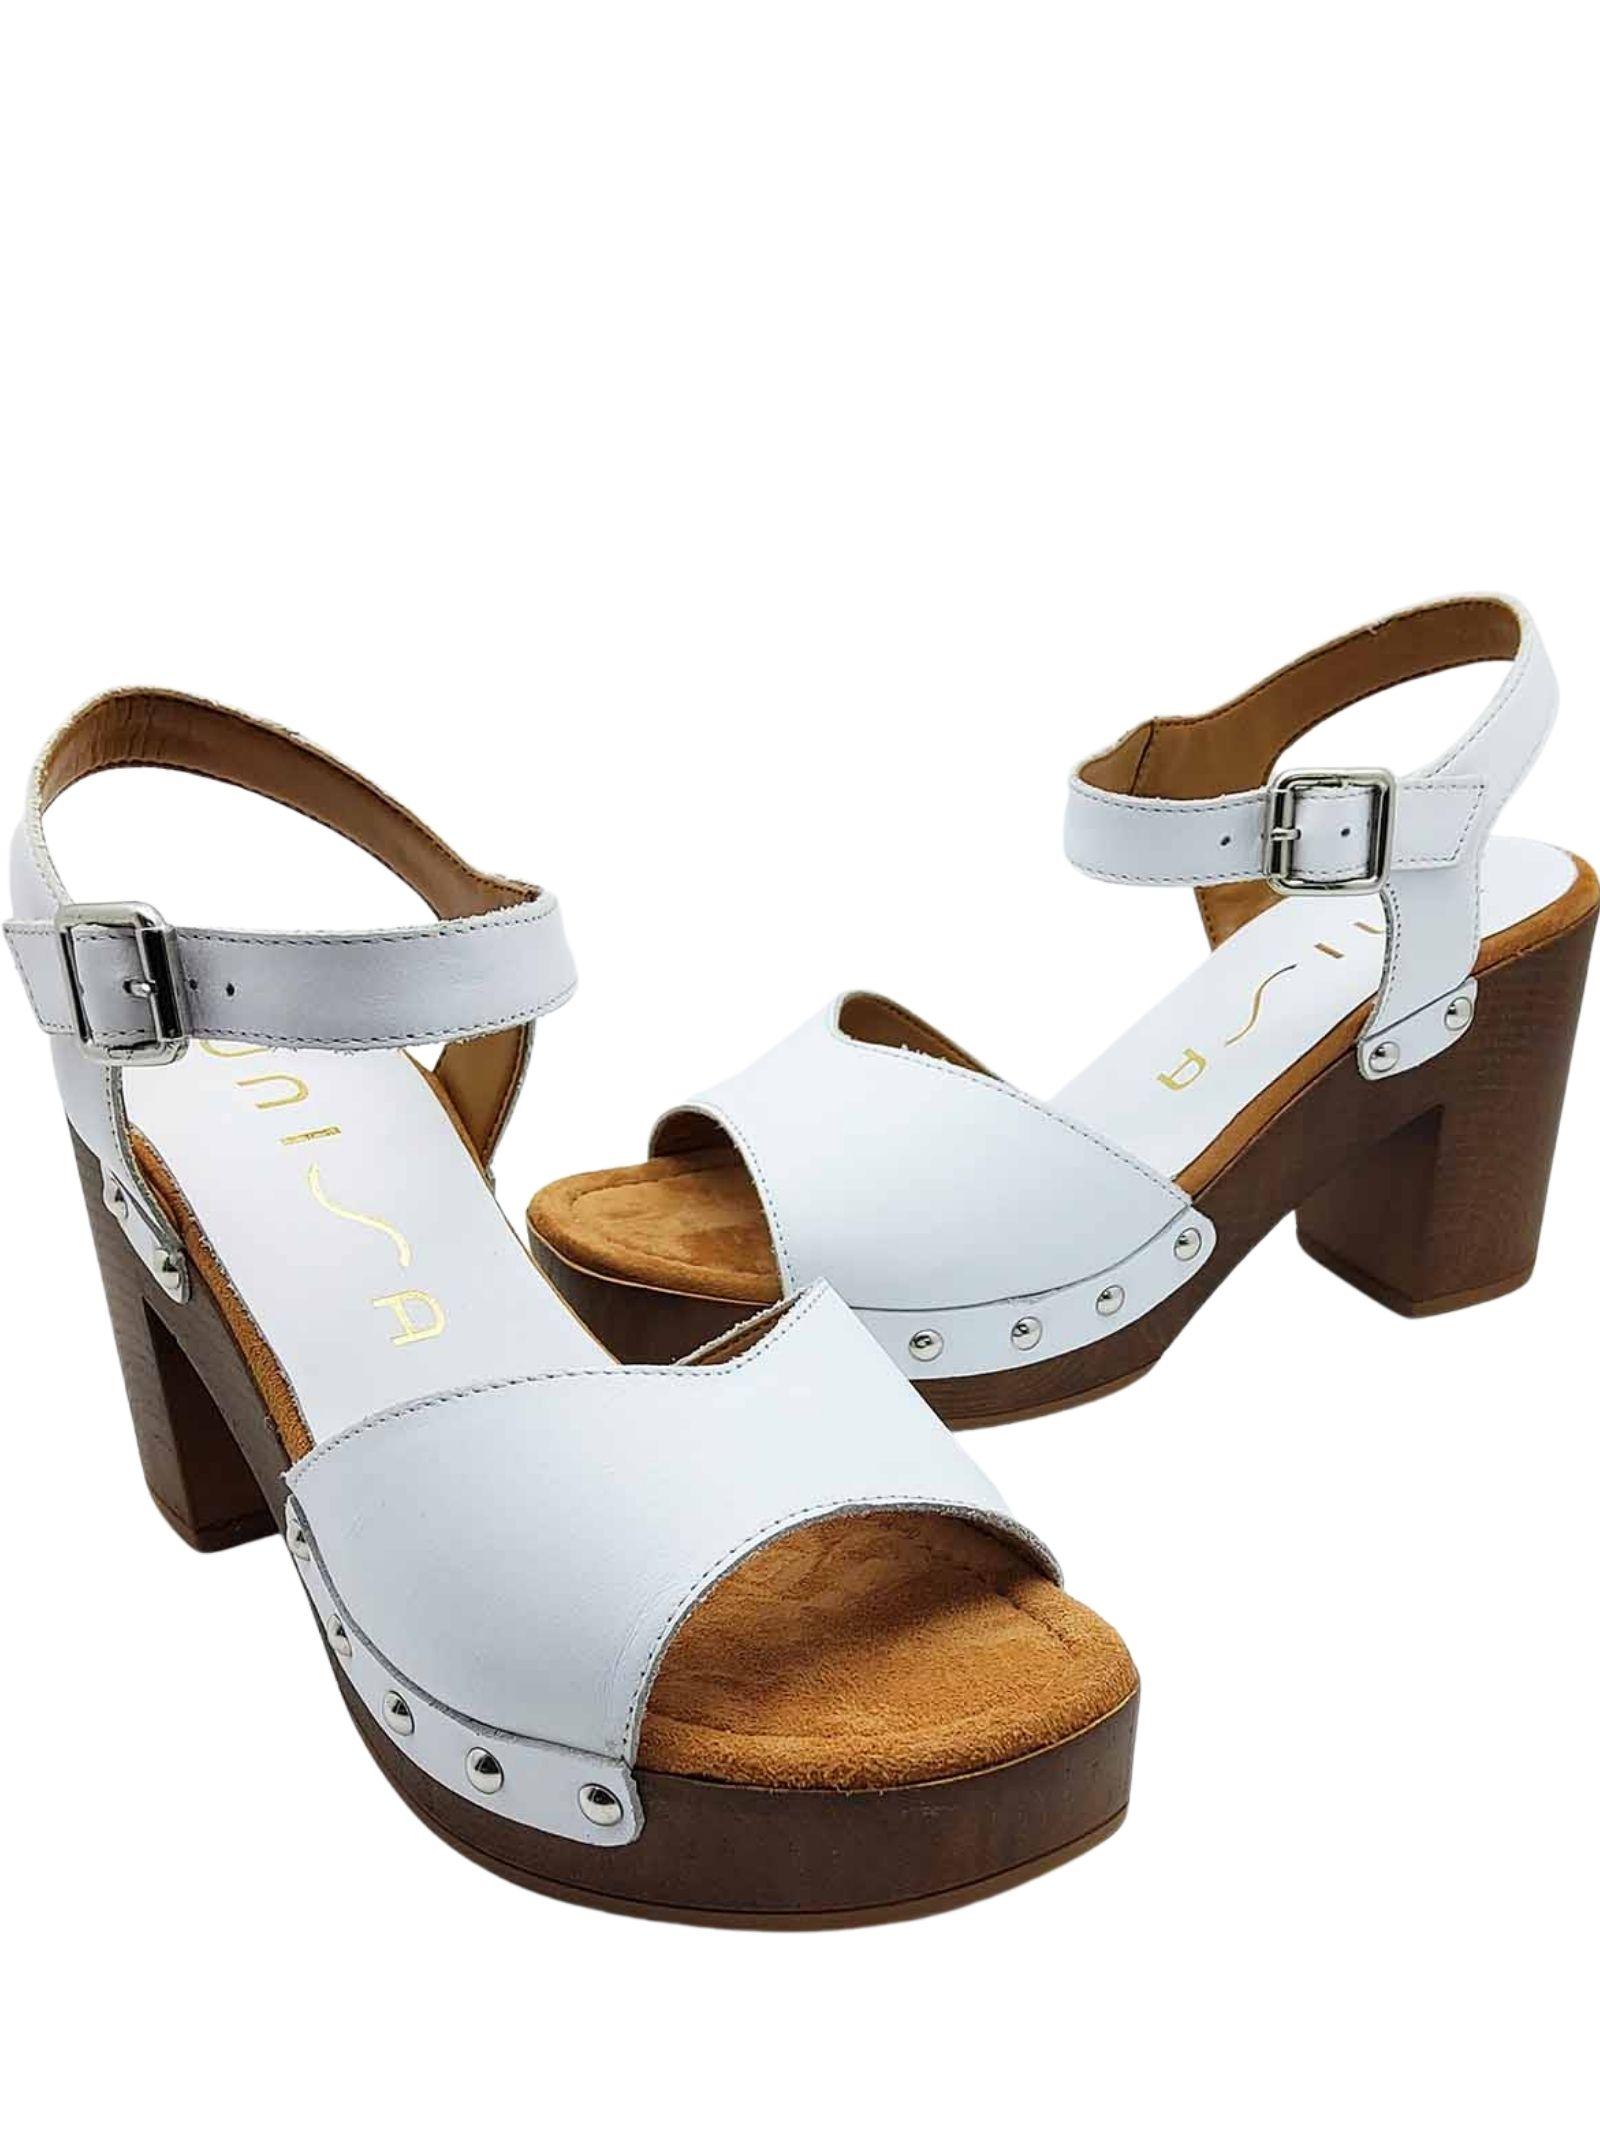 Calzature Donna Sandali Zoccolo in Pelle Bianca con Cinturino alla Caviglia e Tomaia Inchiodata Unisa | Sandali Zeppa | TACO100